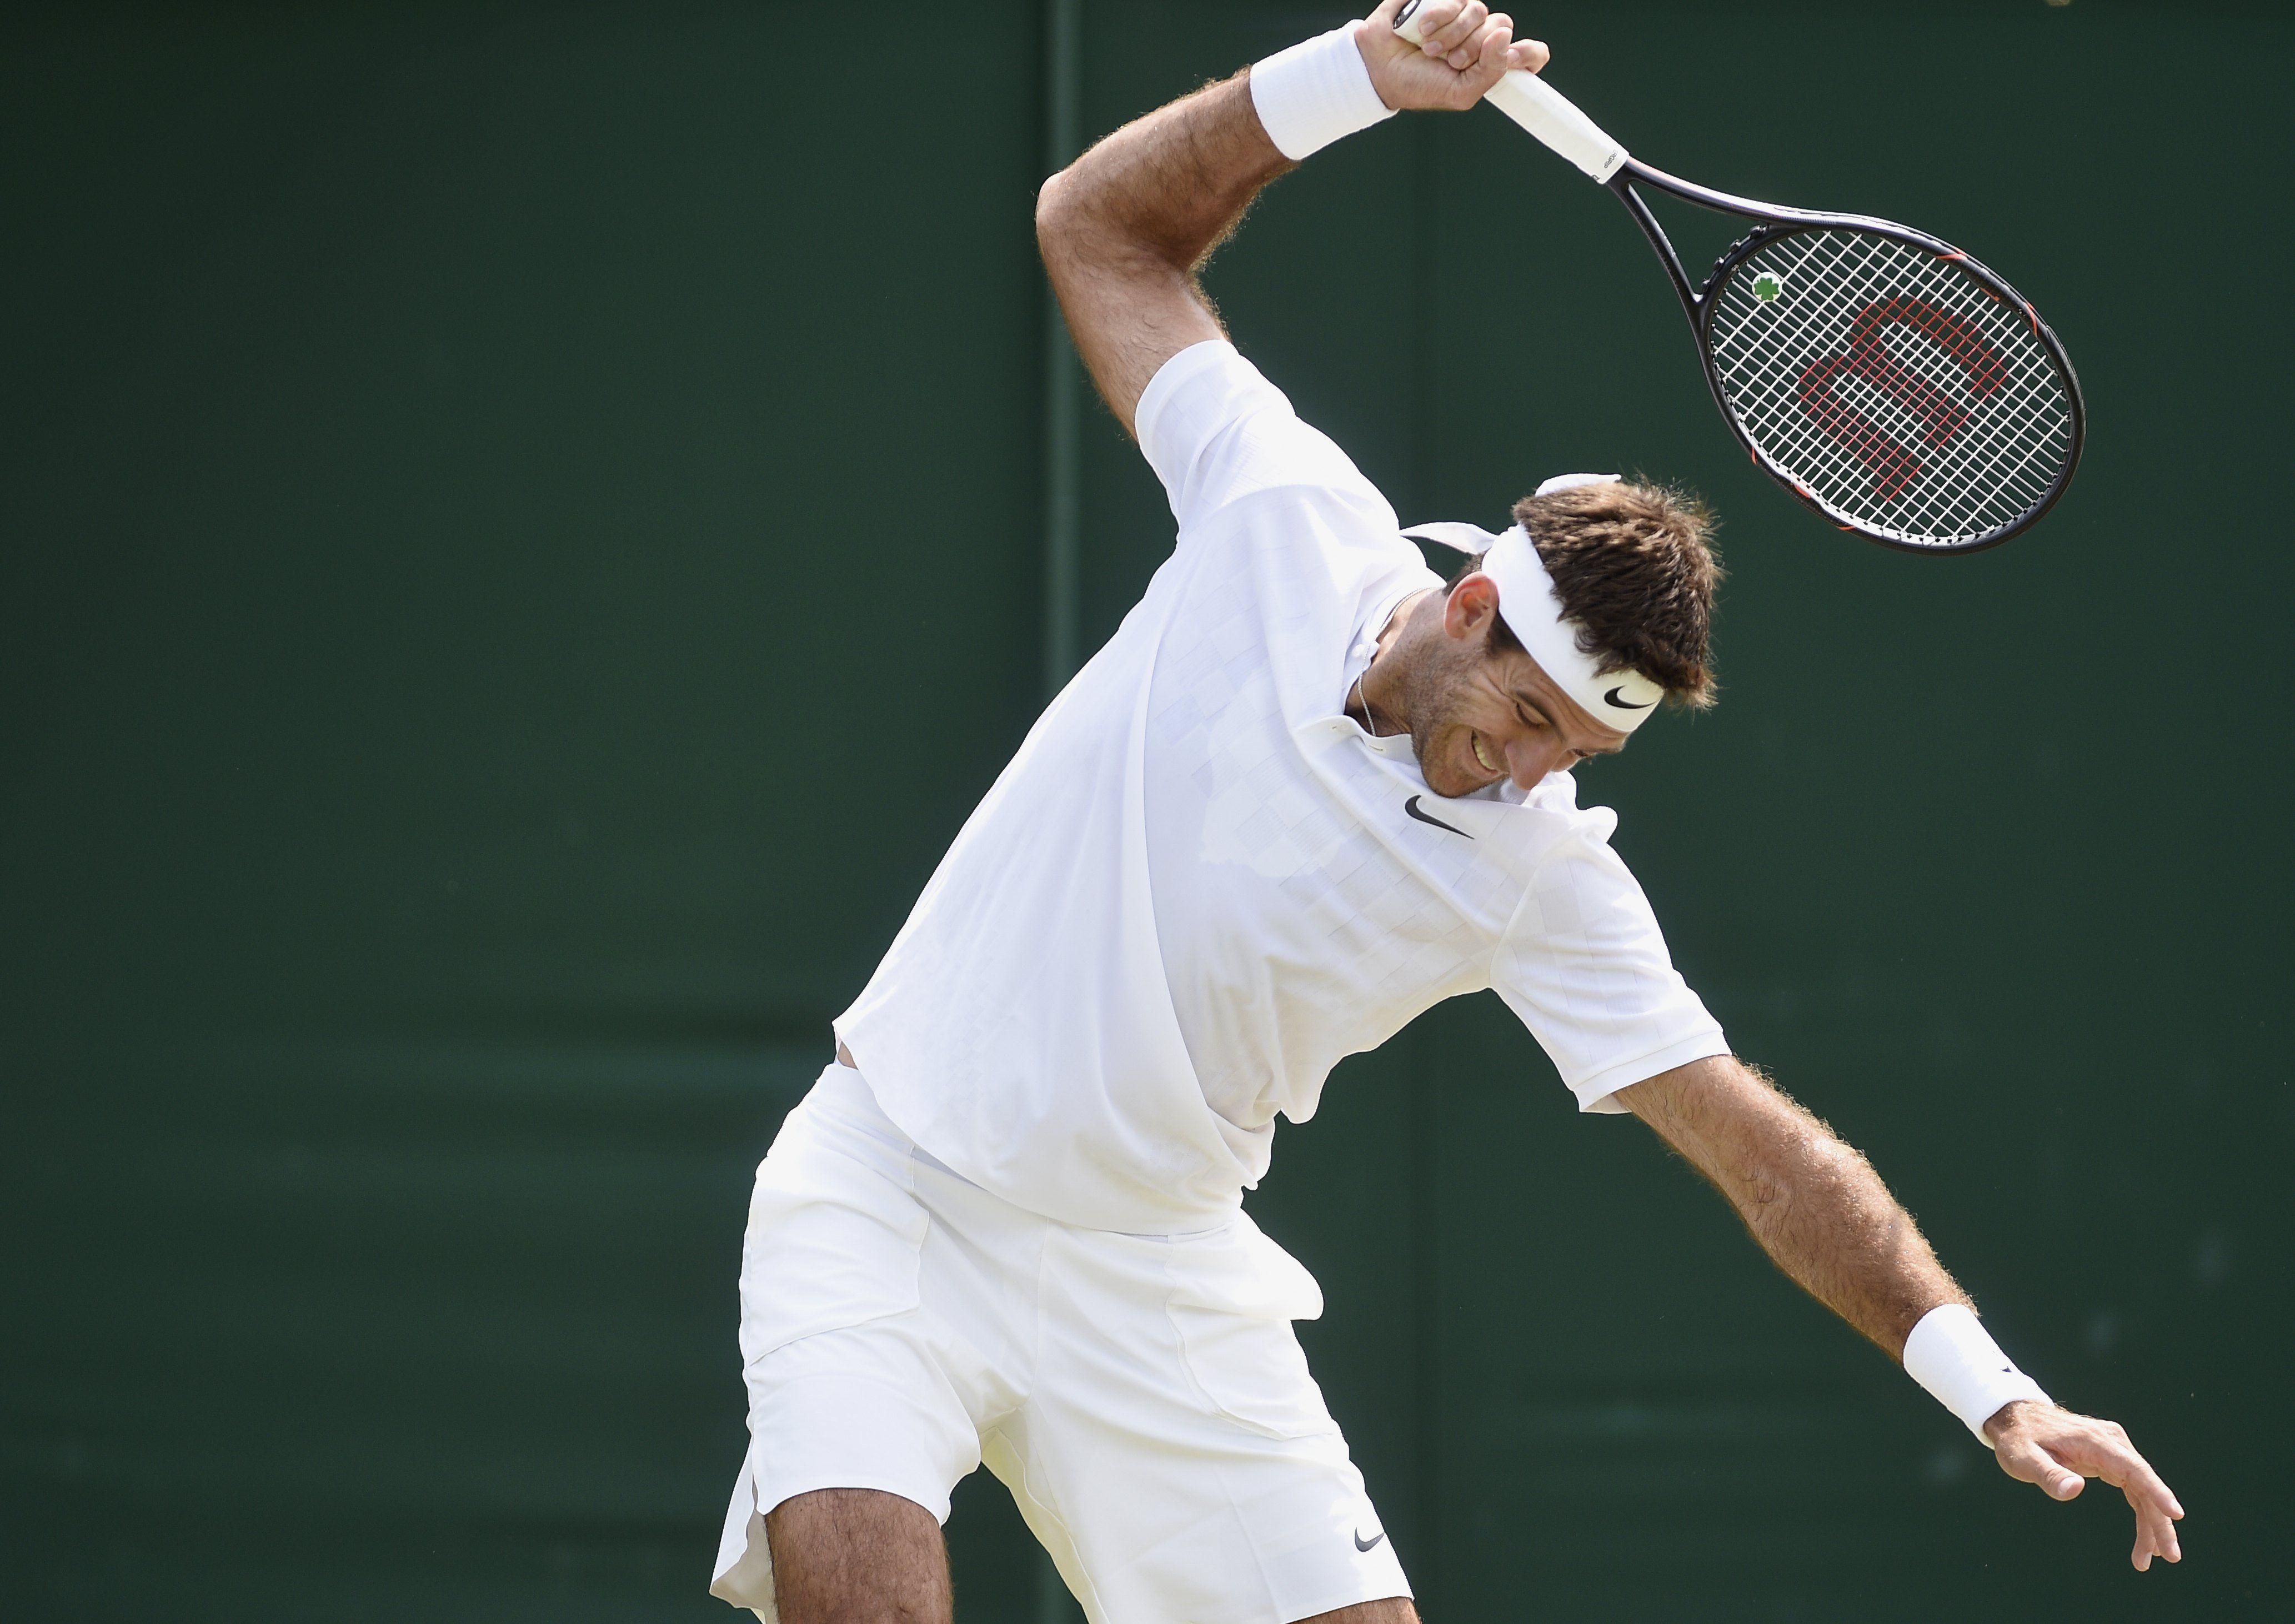 Del Potro reaparecerá en Washington tras su floja actuación en Wimbledon